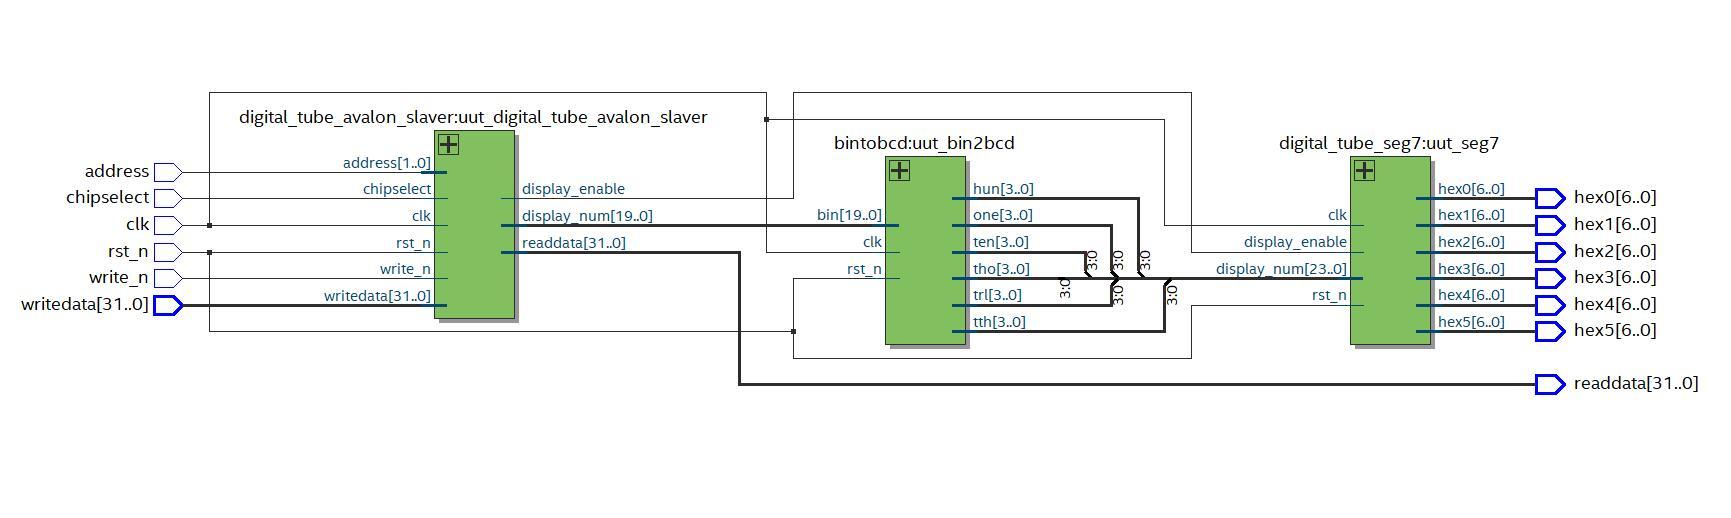 自定义数码管IP核,并让NiosⅡ SBT for Eclipse自动抓取驱动文件